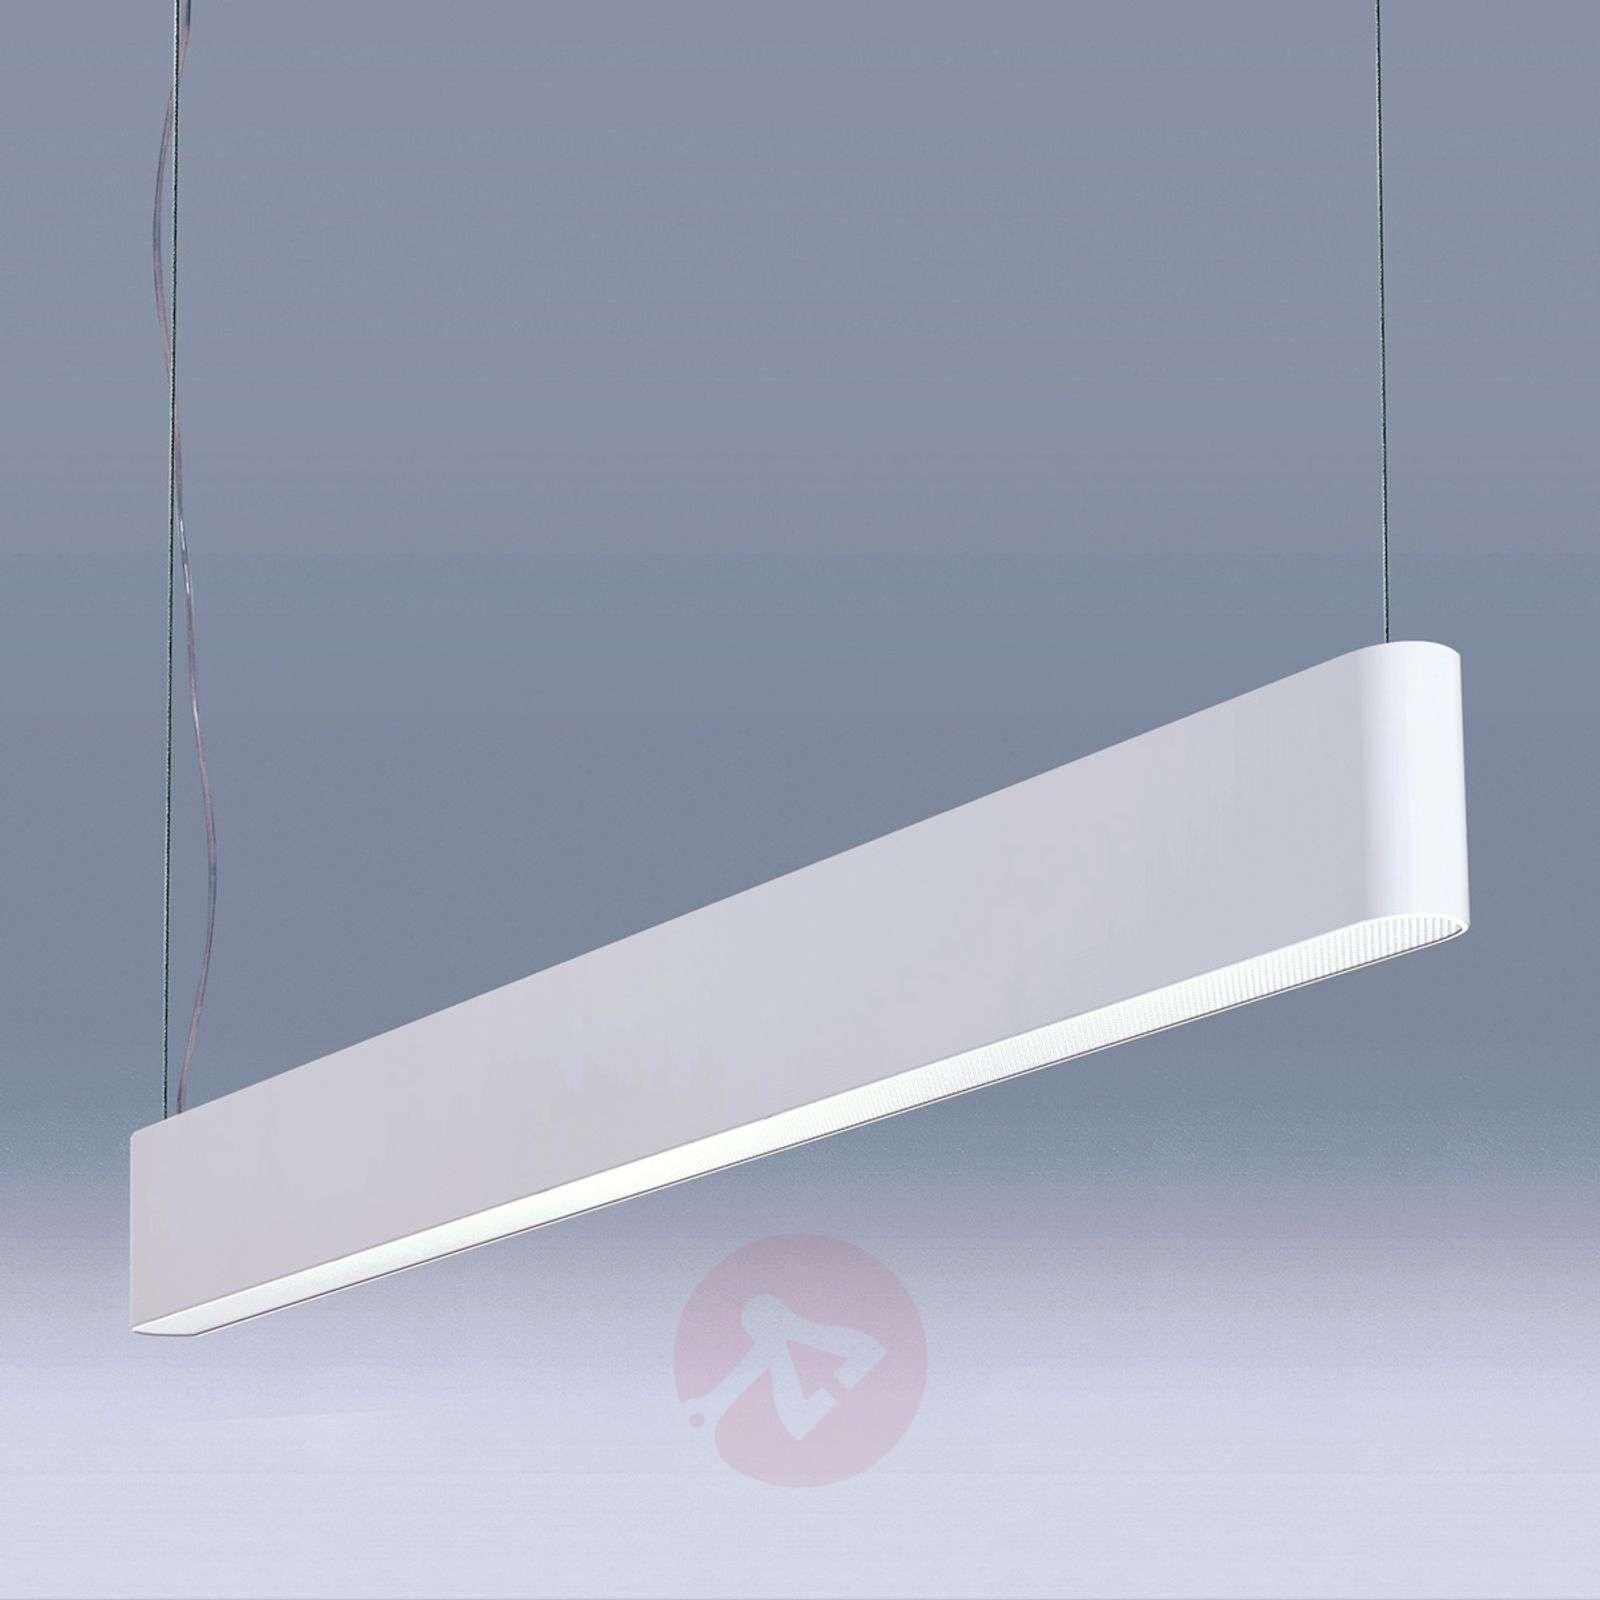 Valkoinen LED-riippuvalaisin Caleo-P4 89 cm 48 W-6033450-01